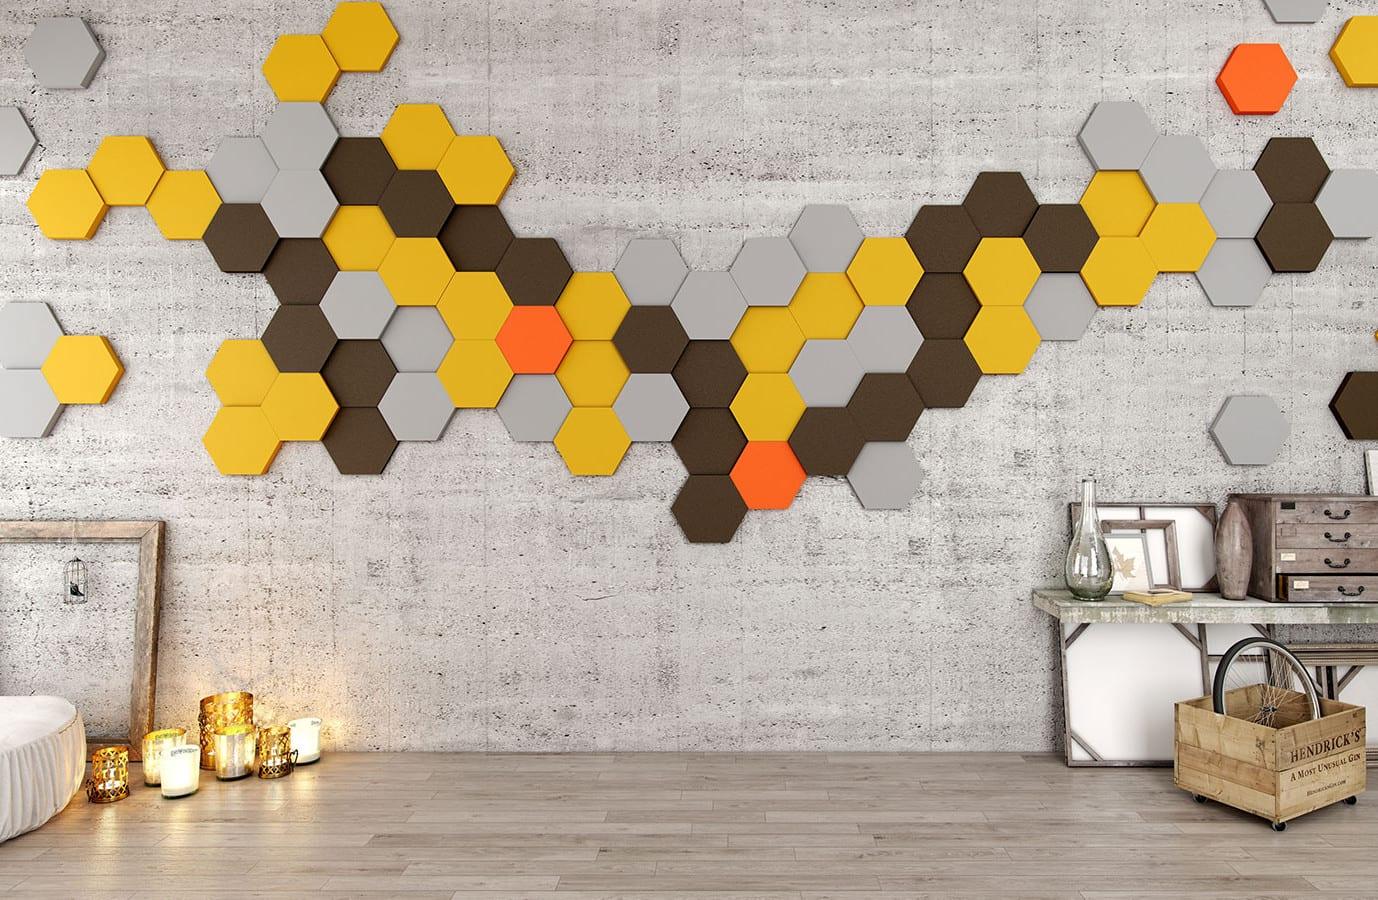 Kreative Wohnideen fr moderne Wandgestaltung und Farbgestaltung  fresHouse